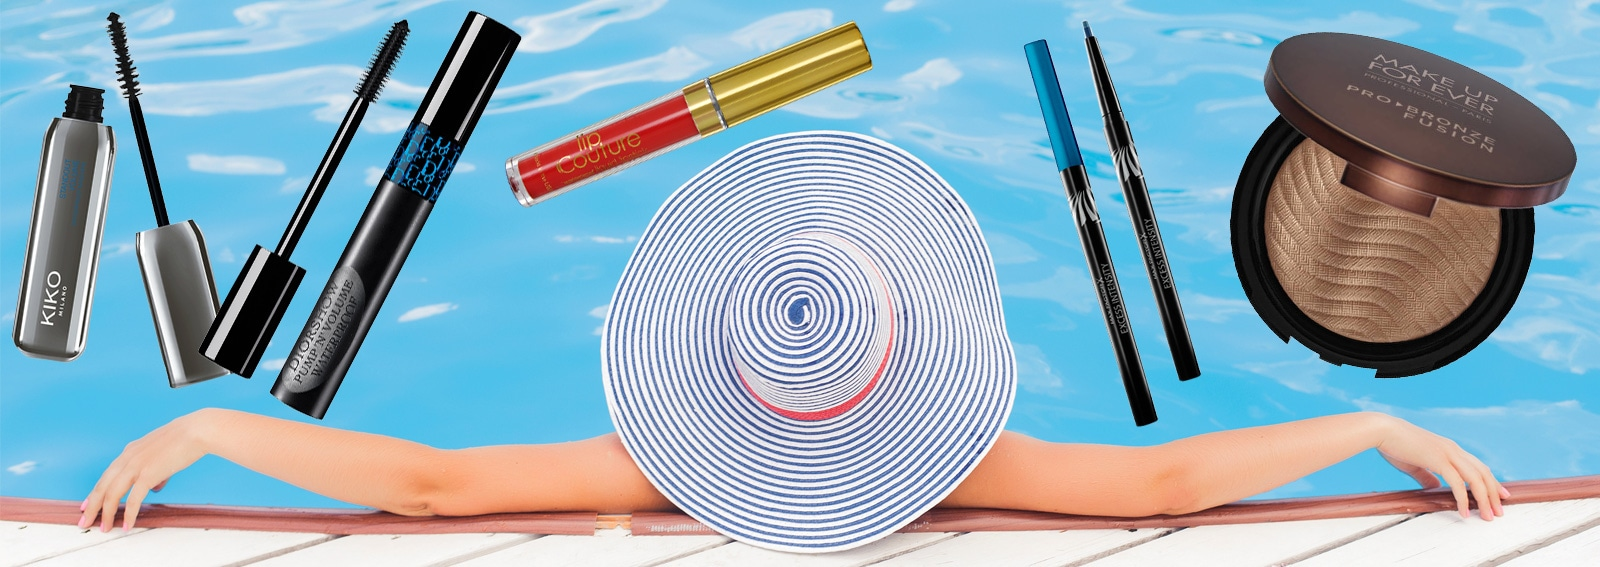 prodotti waterproof resistenti all'acqua caldo sudore estate 2018 COVER DESKTOP